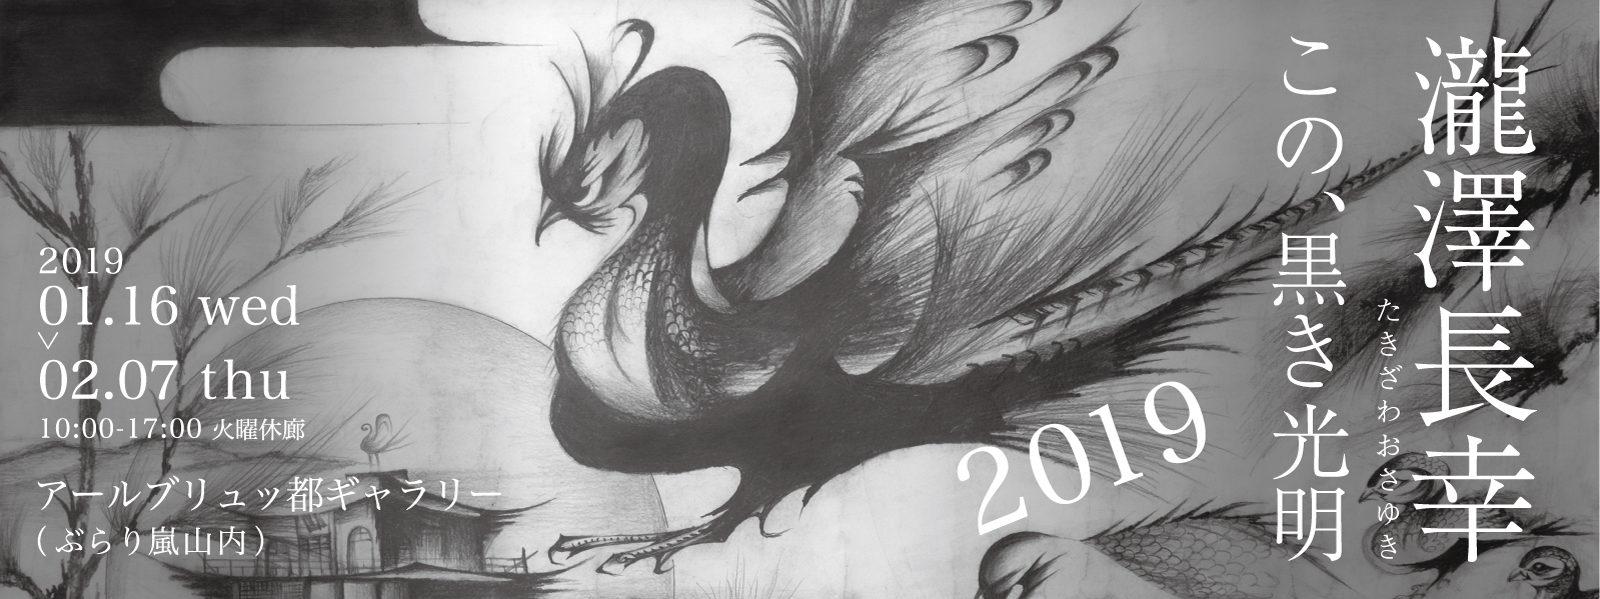 「この、黒き光明 2019」 於アールブリュッ都ギャラリー(ぶらり嵐山内) 2019.1.16-2019.2.7